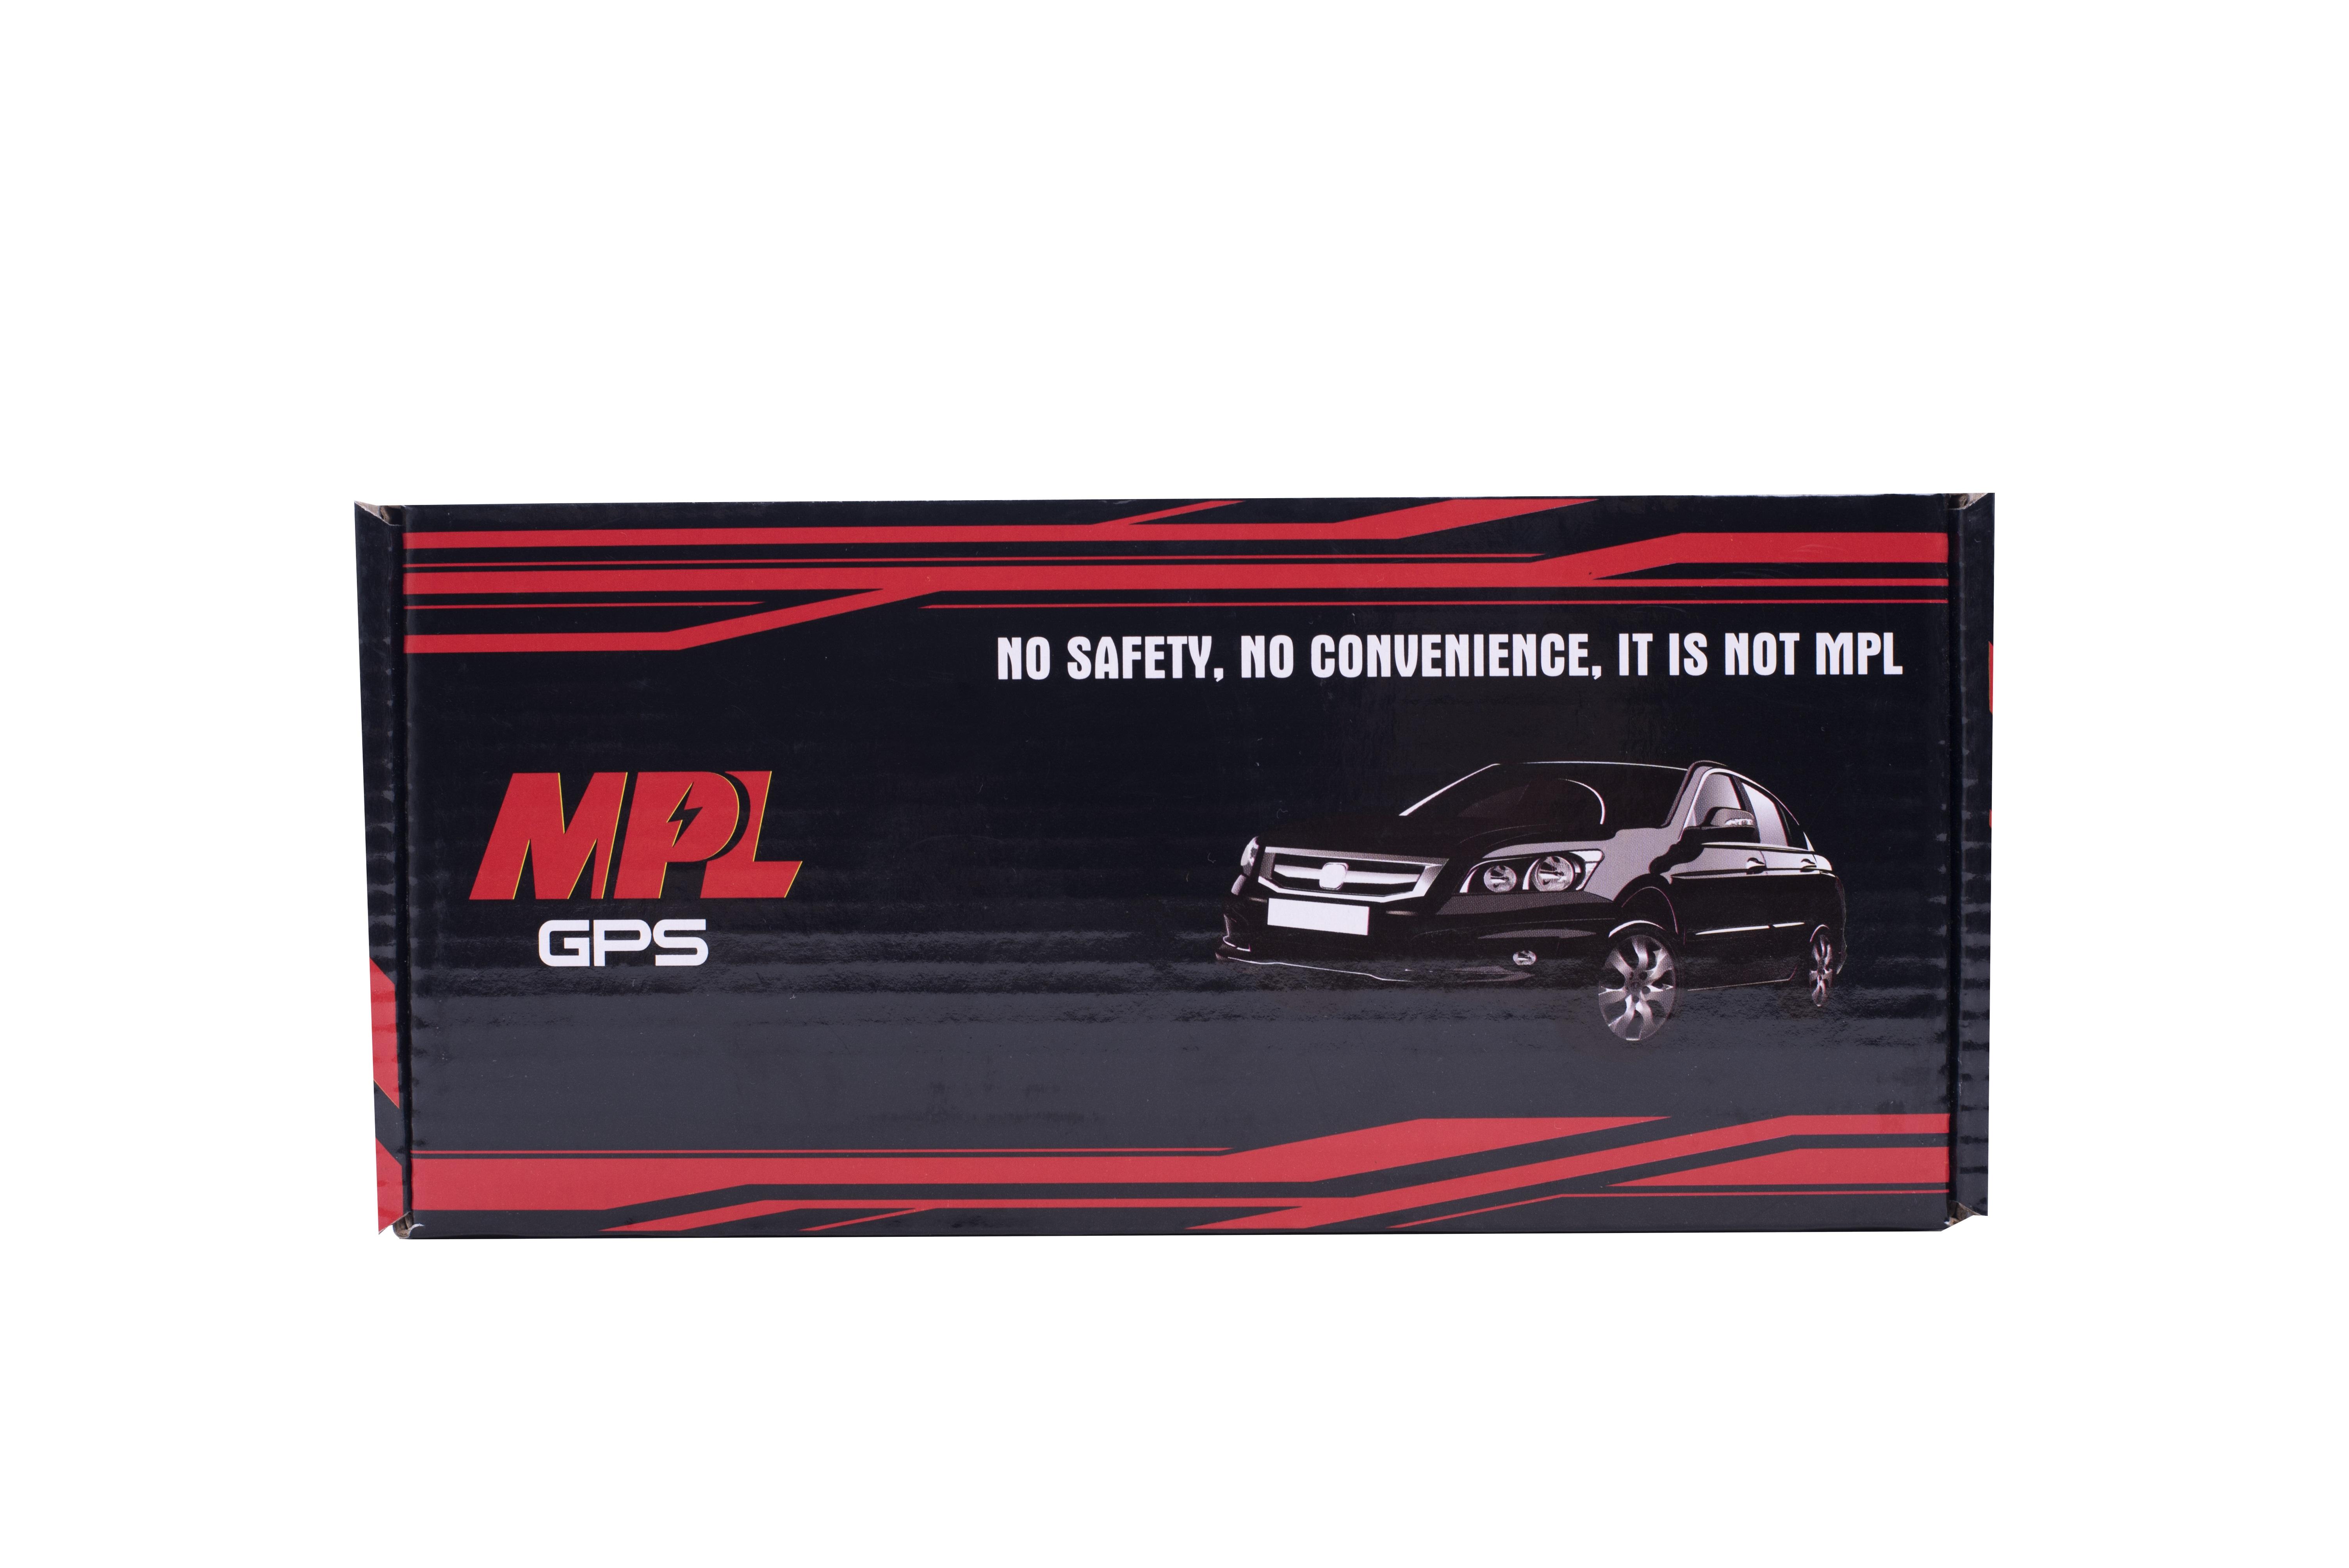 Chống trộm xe máy gps MPL